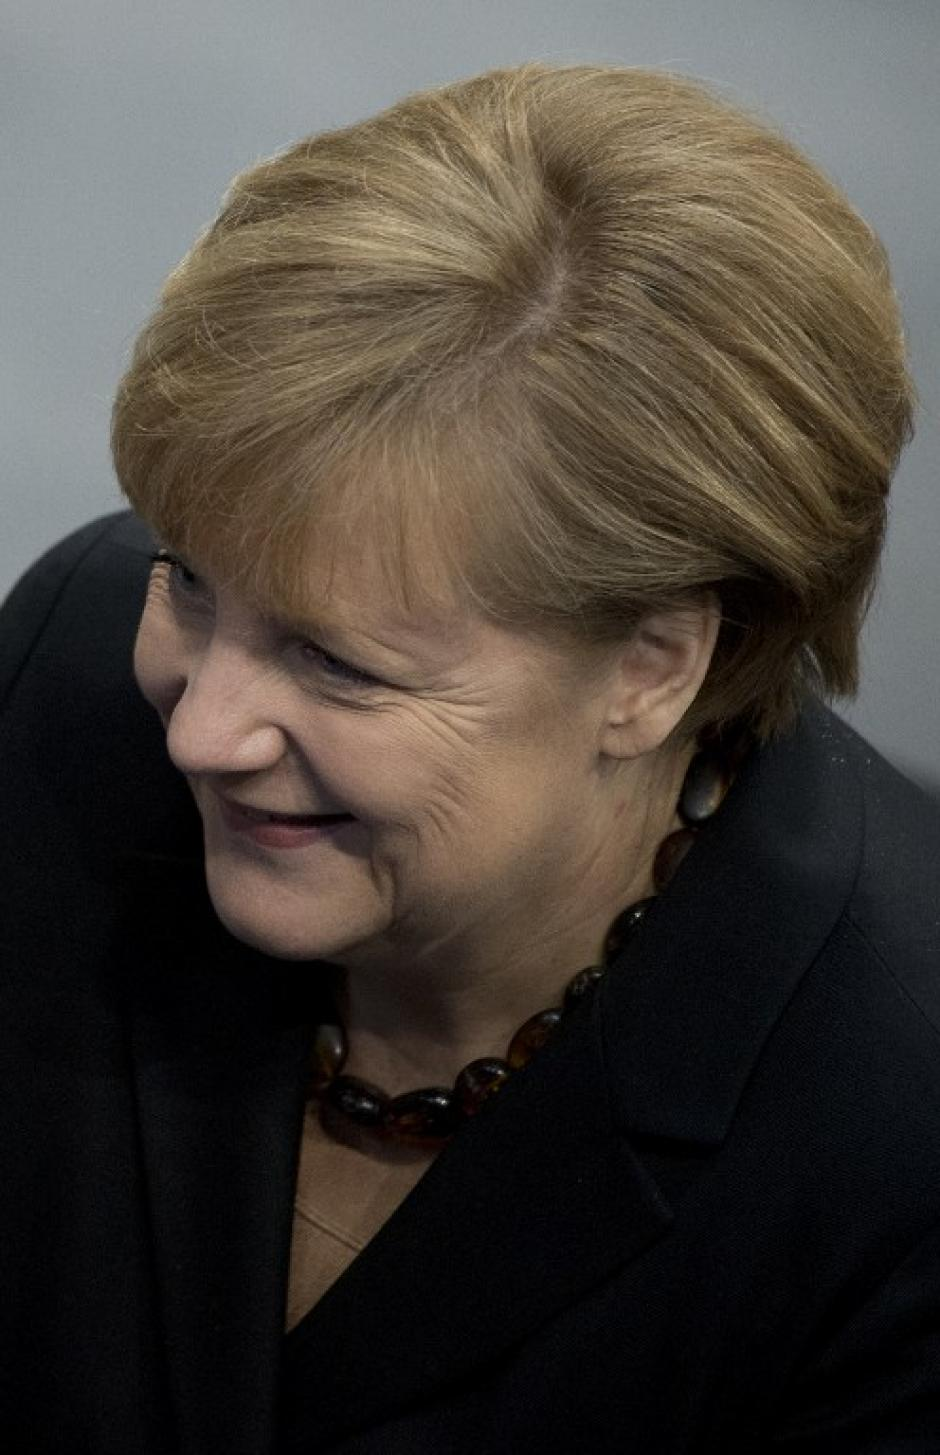 """La sonrisa de la canciller al visitar la Cámara Baja del Parlamento """"Bundestag"""". Foto AFP"""